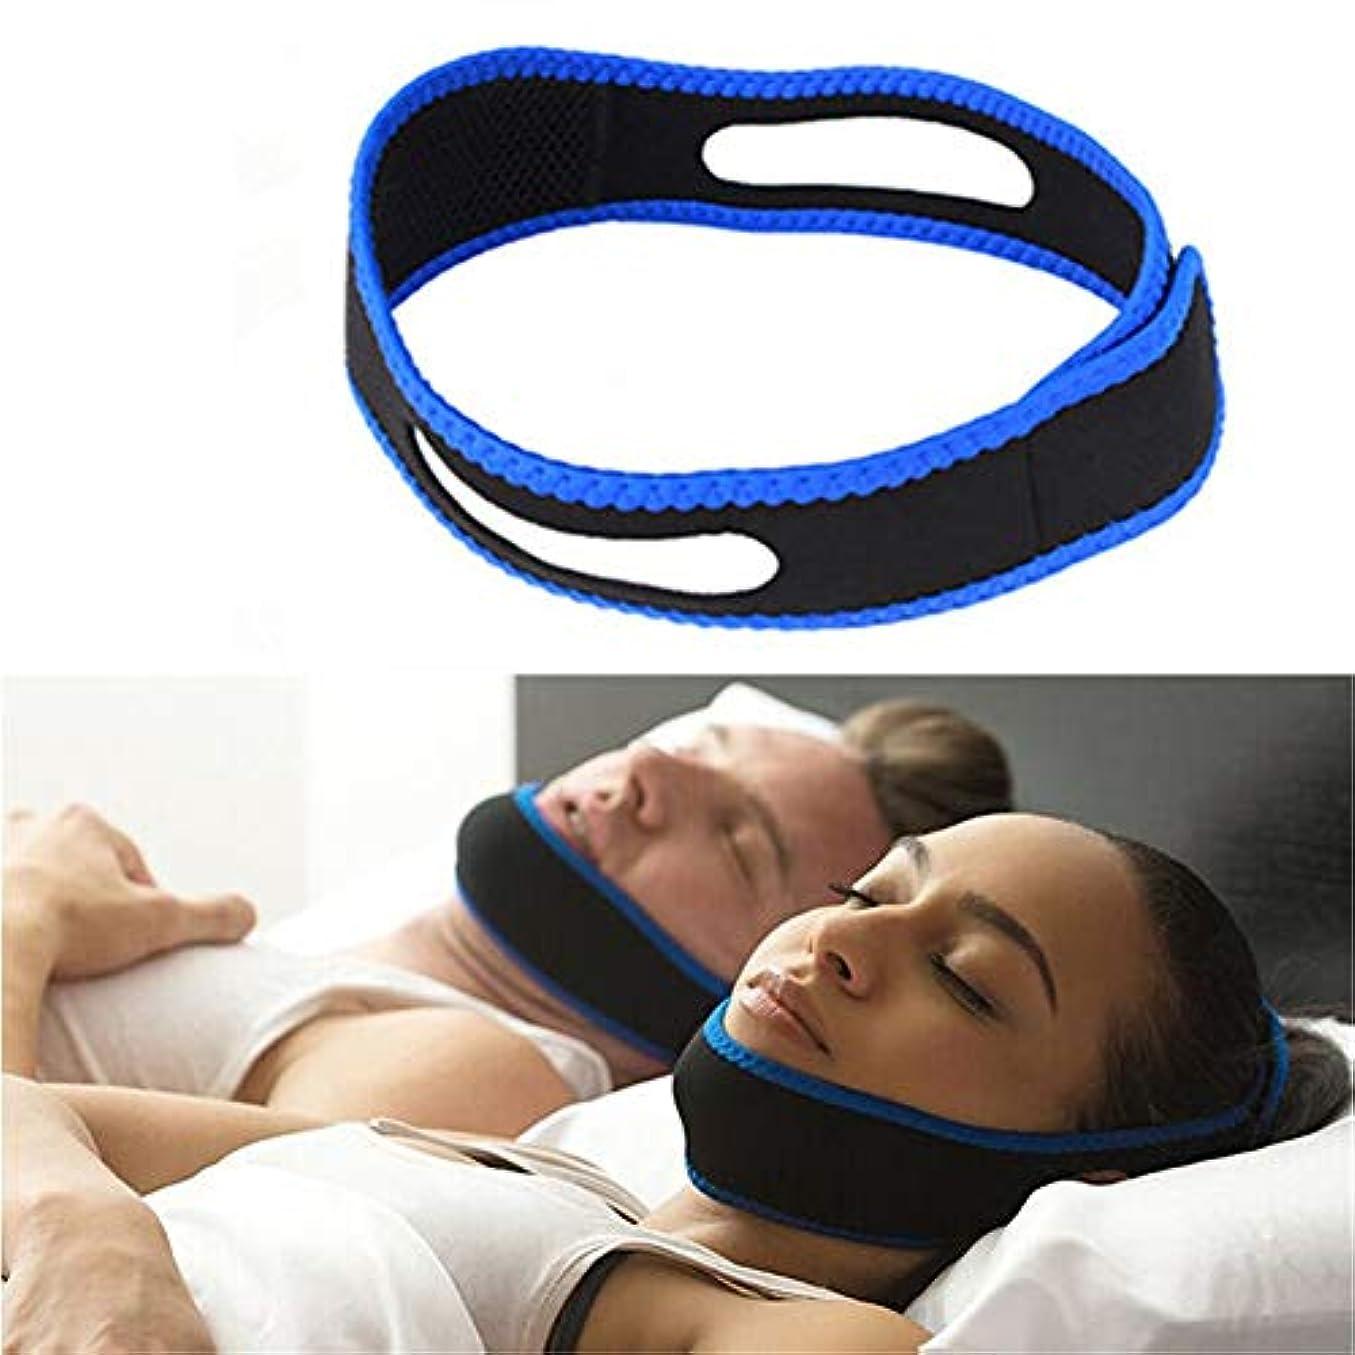 ゲート楕円形孤児Angzhili いびき軽減グッズ いびき防止装置 いびき対策グッズ 睡眠補助 快眠サポーター 肌に優しい サイズ調整可能 男女兼用